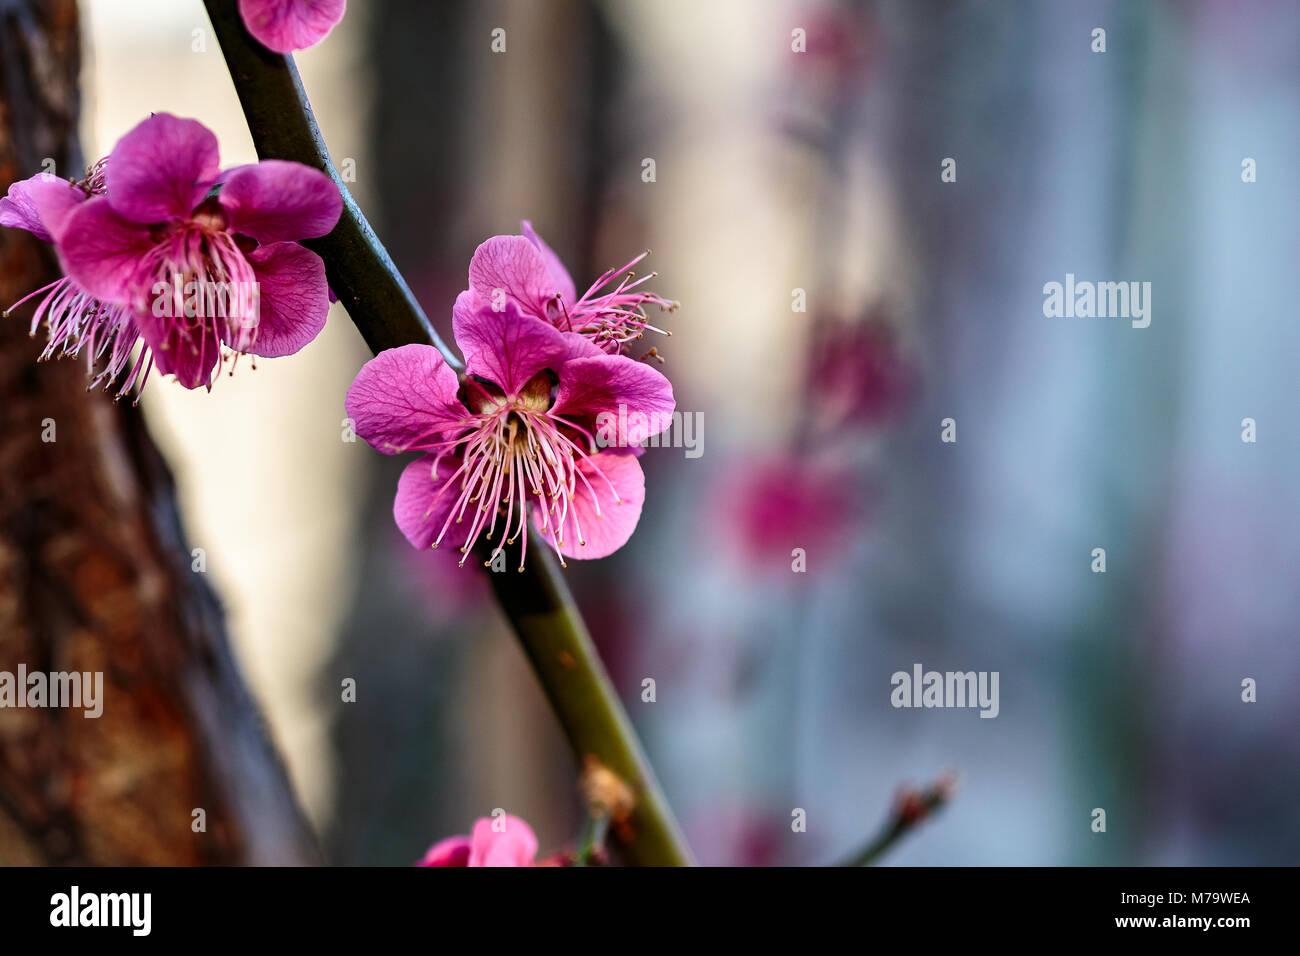 Eine rosa Blüte öffnet sich auf einen kleinen Zweig, mit Kopie Raum entlang der oberen und rechten Seite. Stockbild